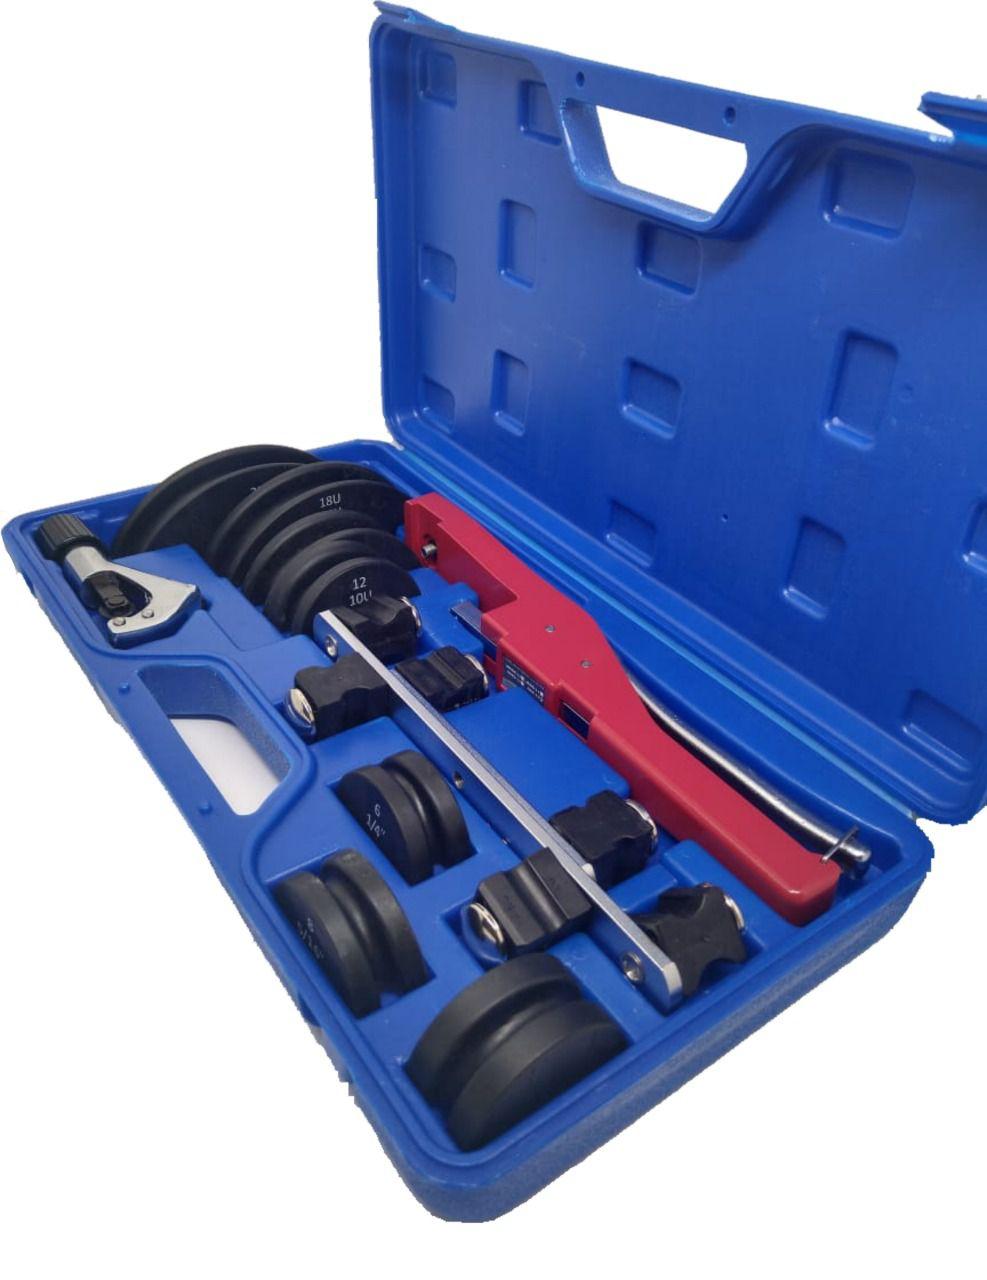 Kit Curvador de Tubo de Cobre com cortador 1/4 à 7/8 Coldpac